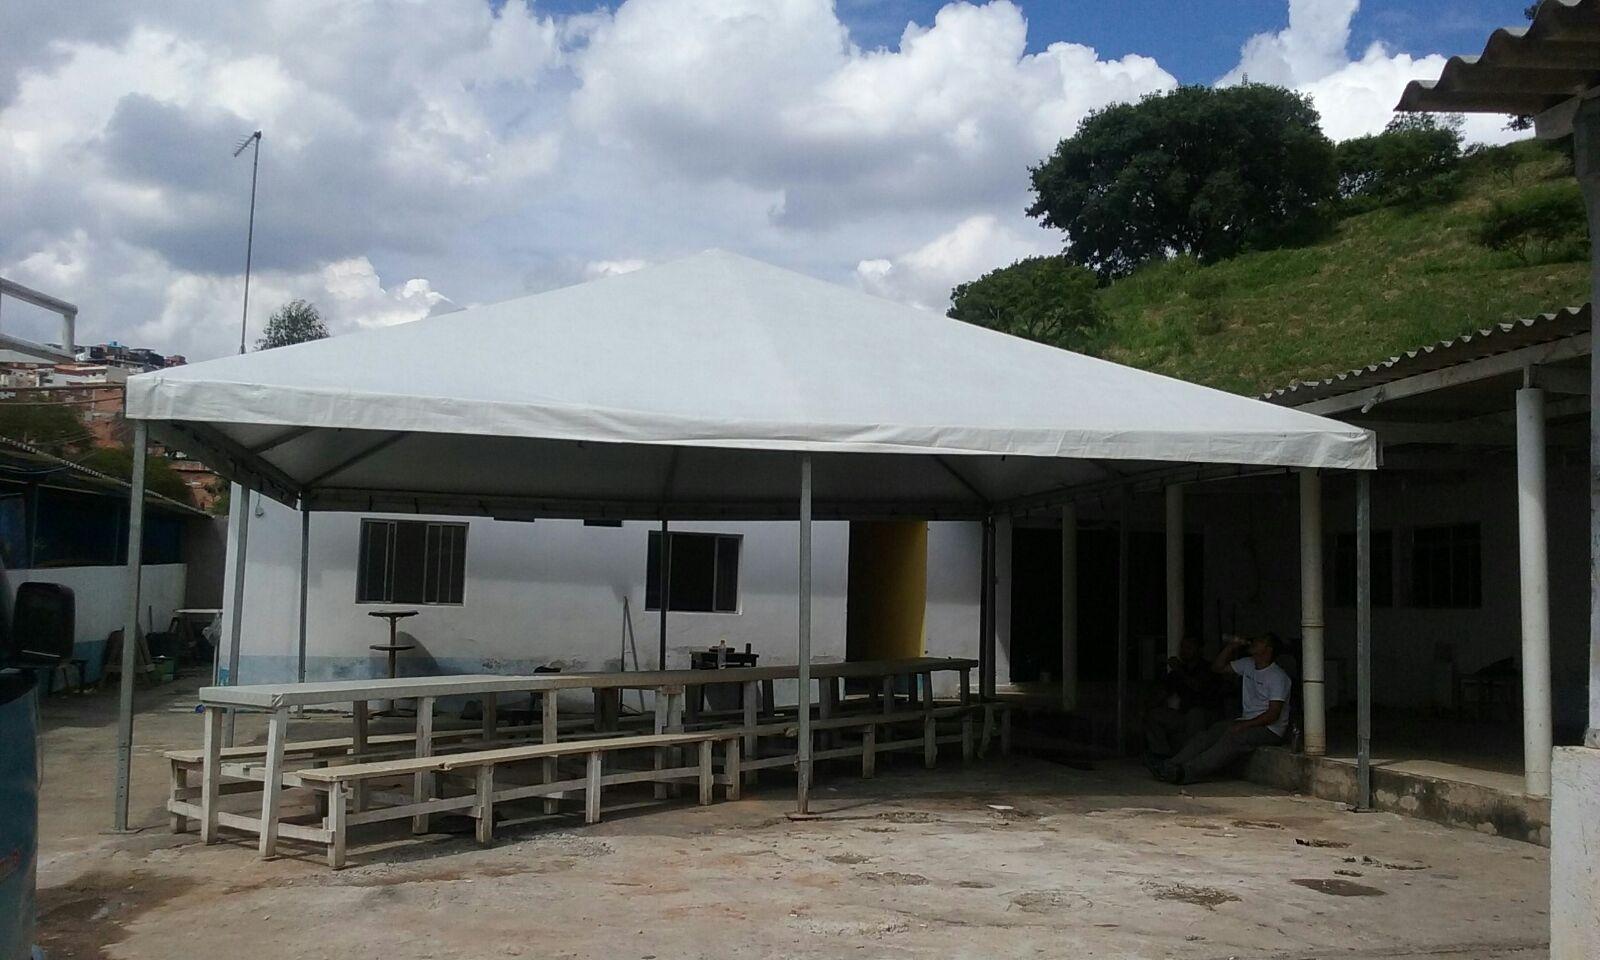 Tenda Piramidal para Comprar Serviços na Gopoúva - Aluguel de Tenda Piramidal